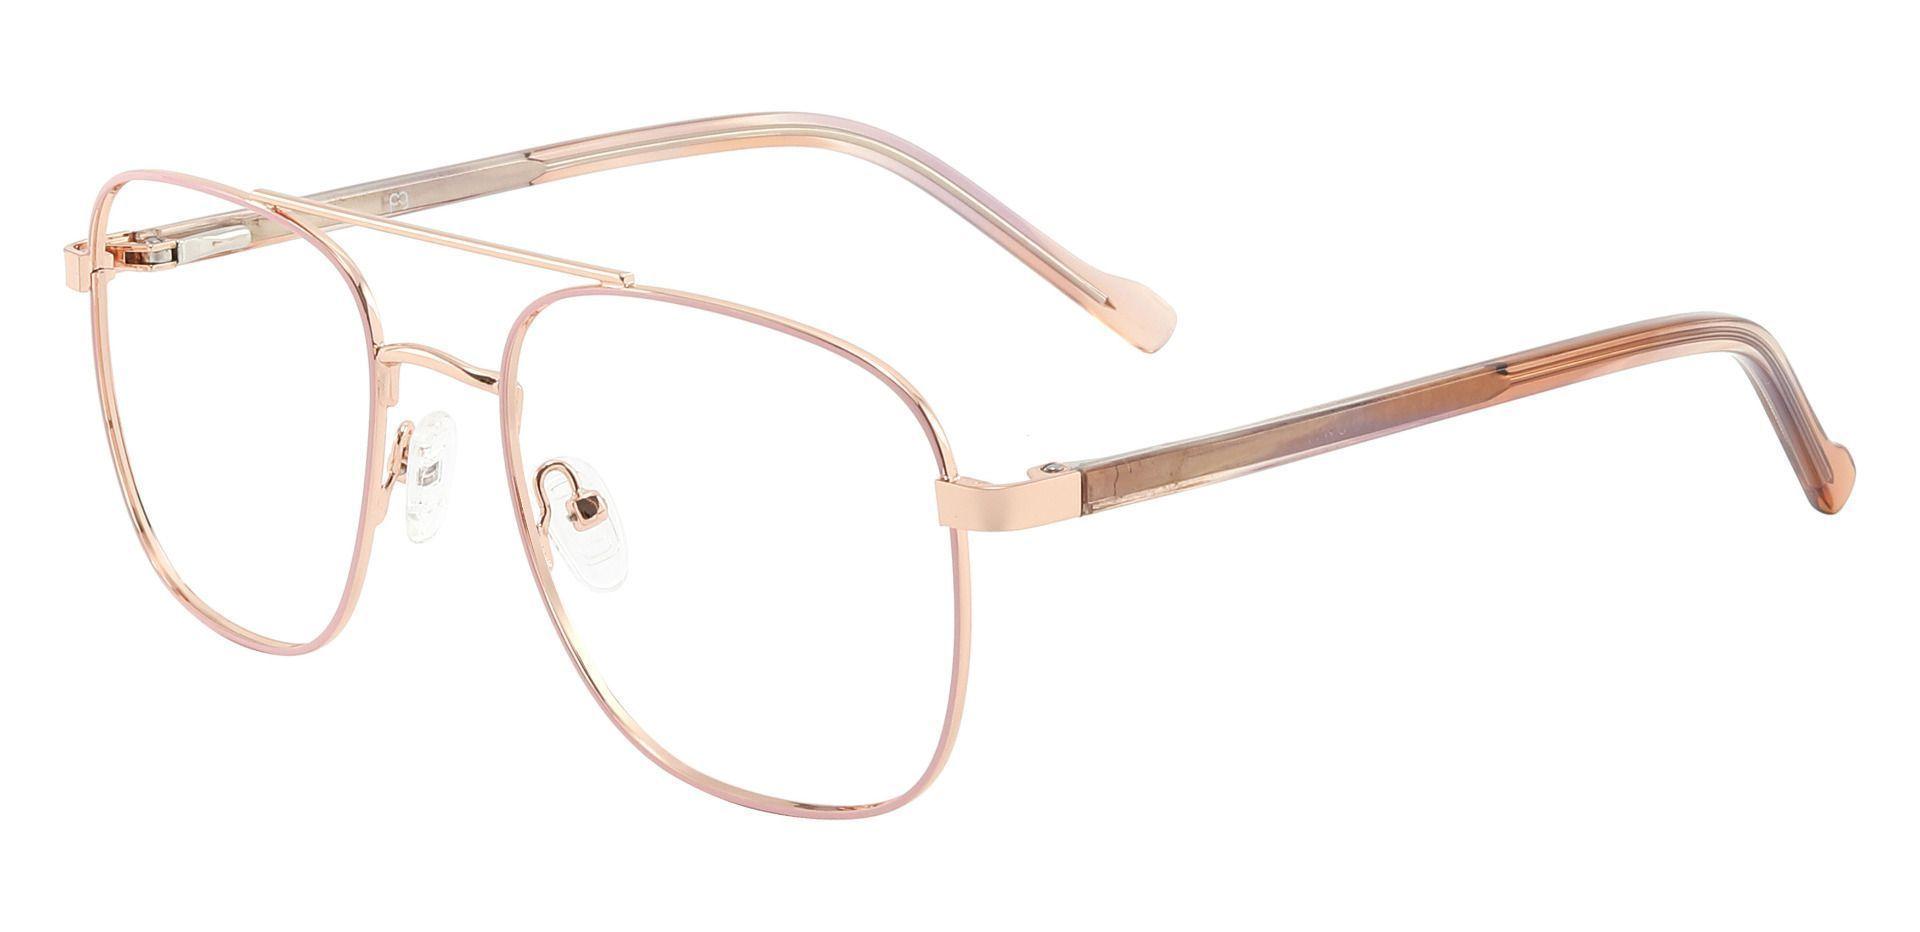 Howell Aviator Prescription Glasses - Pink